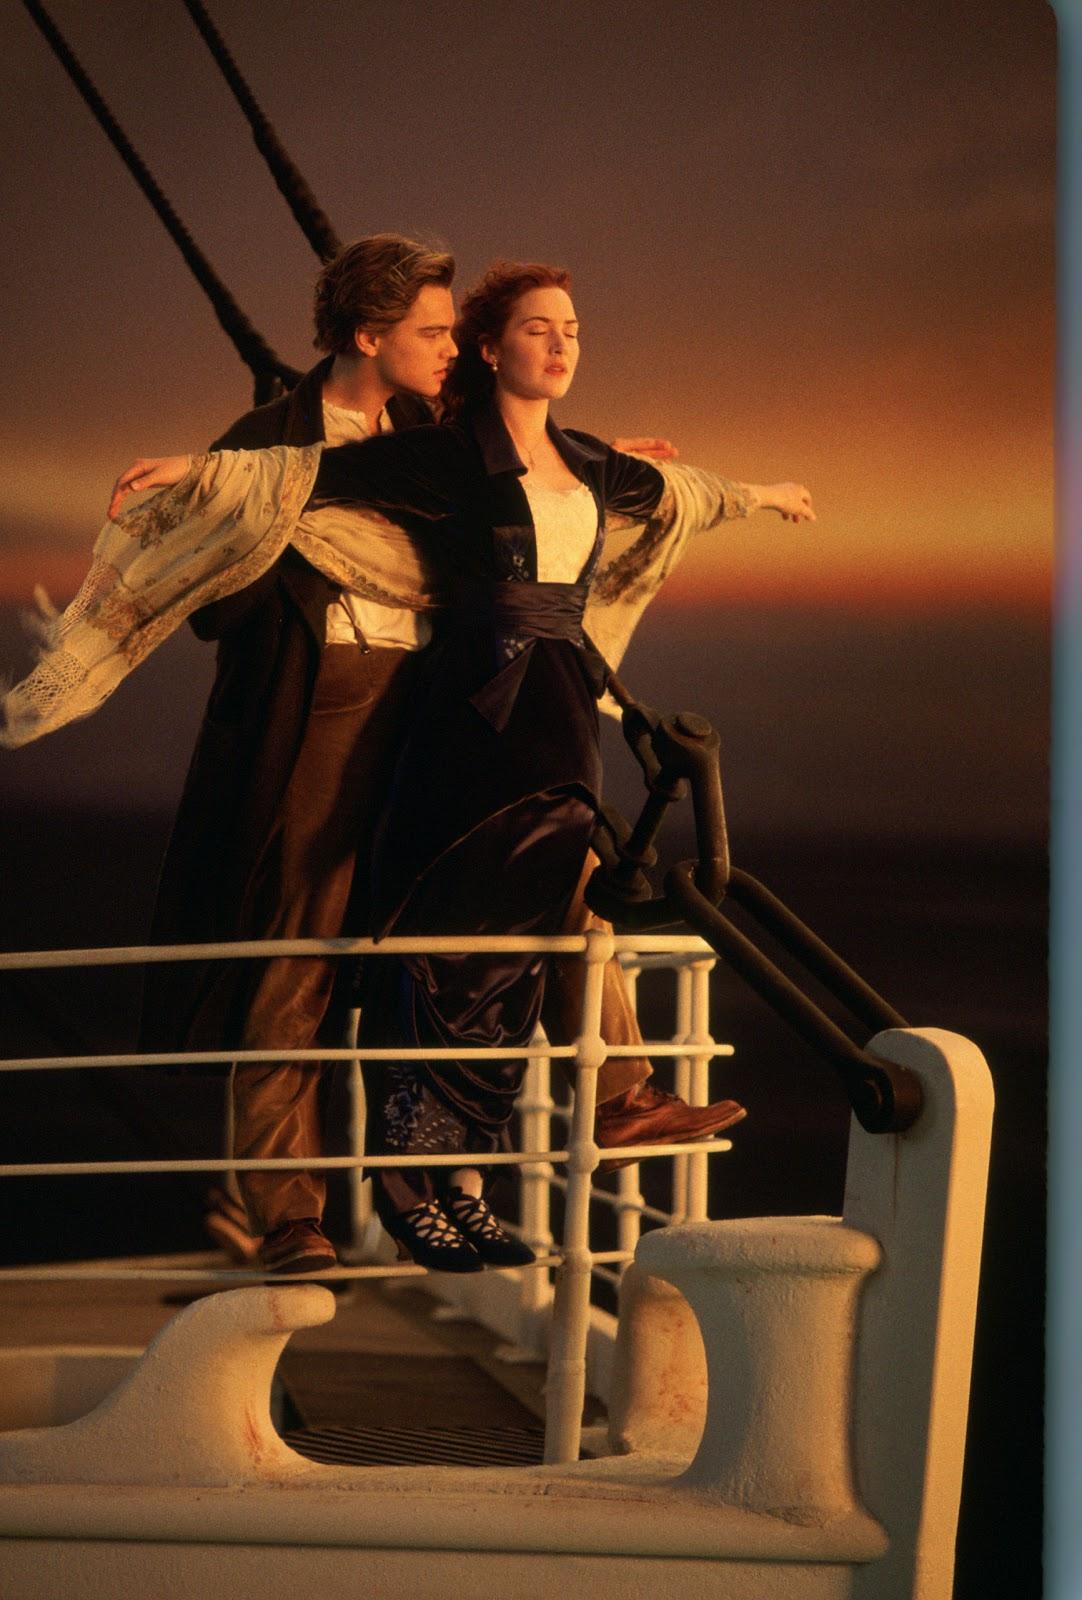 http://2.bp.blogspot.com/-qvWA24AjhGo/T2rzDERkNsI/AAAAAAAAD1E/-OSL94G9OHg/s1600/Leonardo+DiCaprio+&+Kate+Winslet+in+TITANIC+3D.jpg